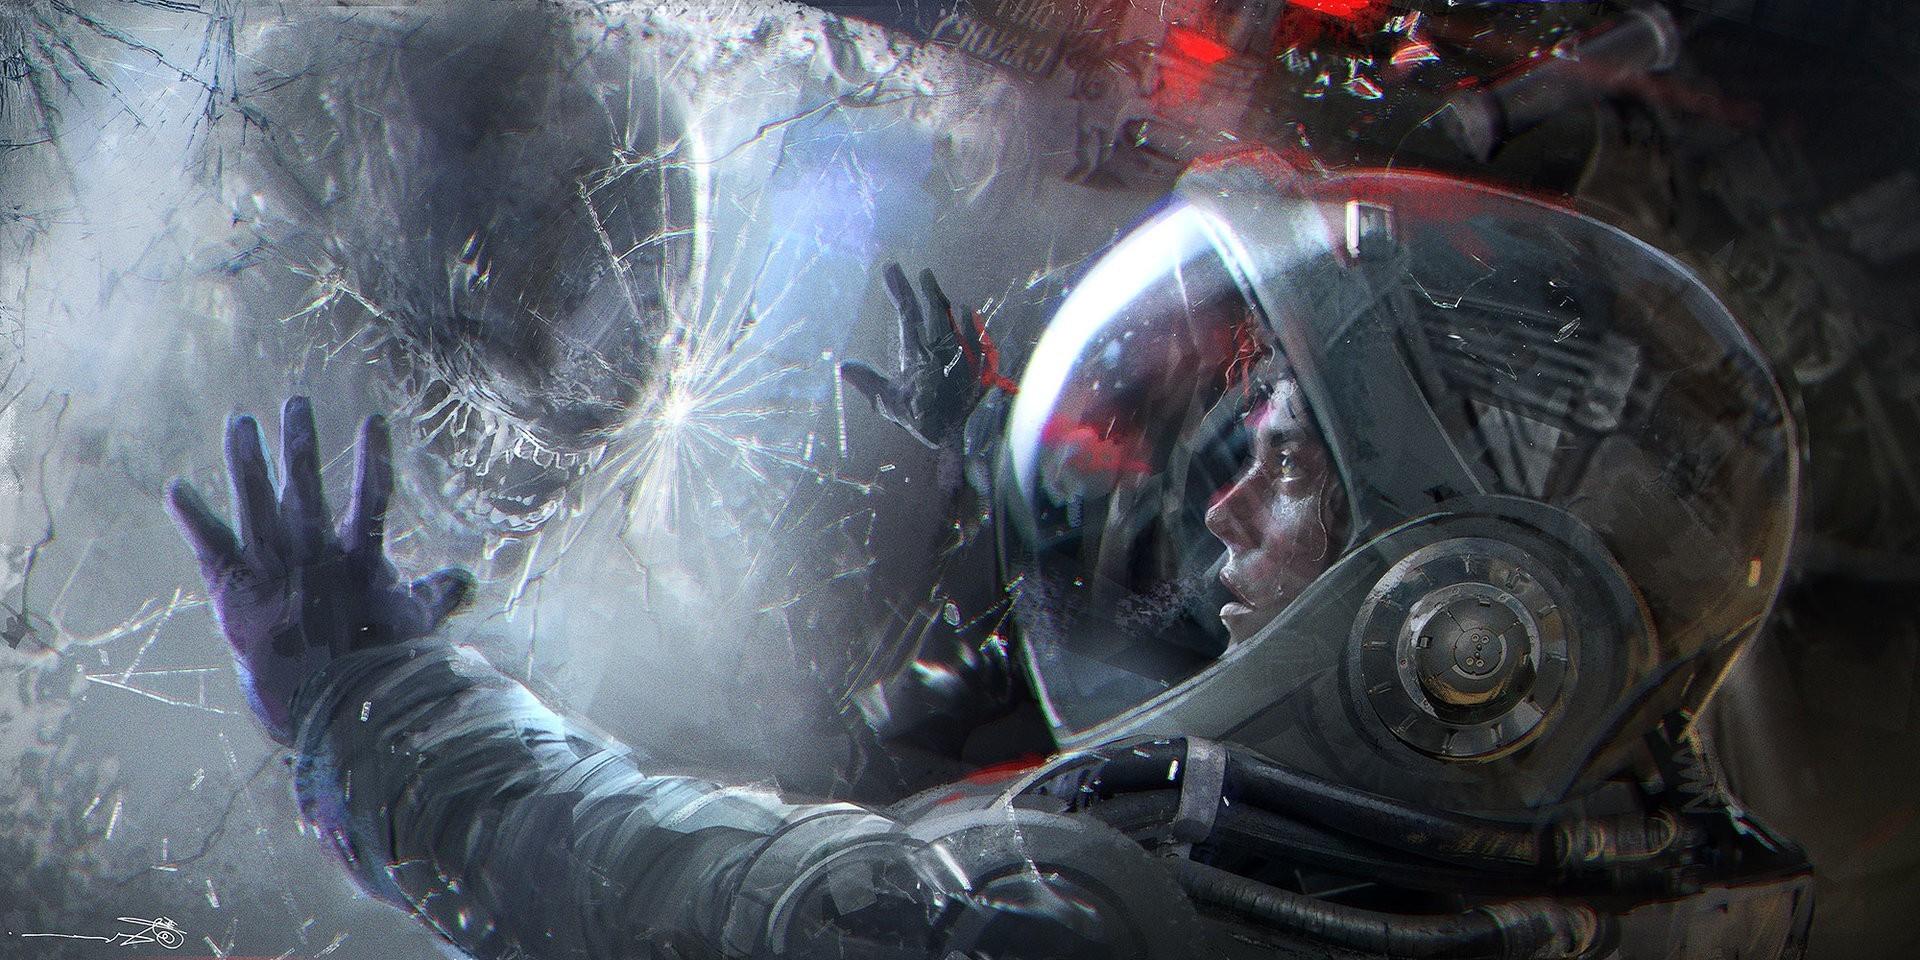 futuristic Xenomorph Aliens Artwork Science Fiction 1920x960